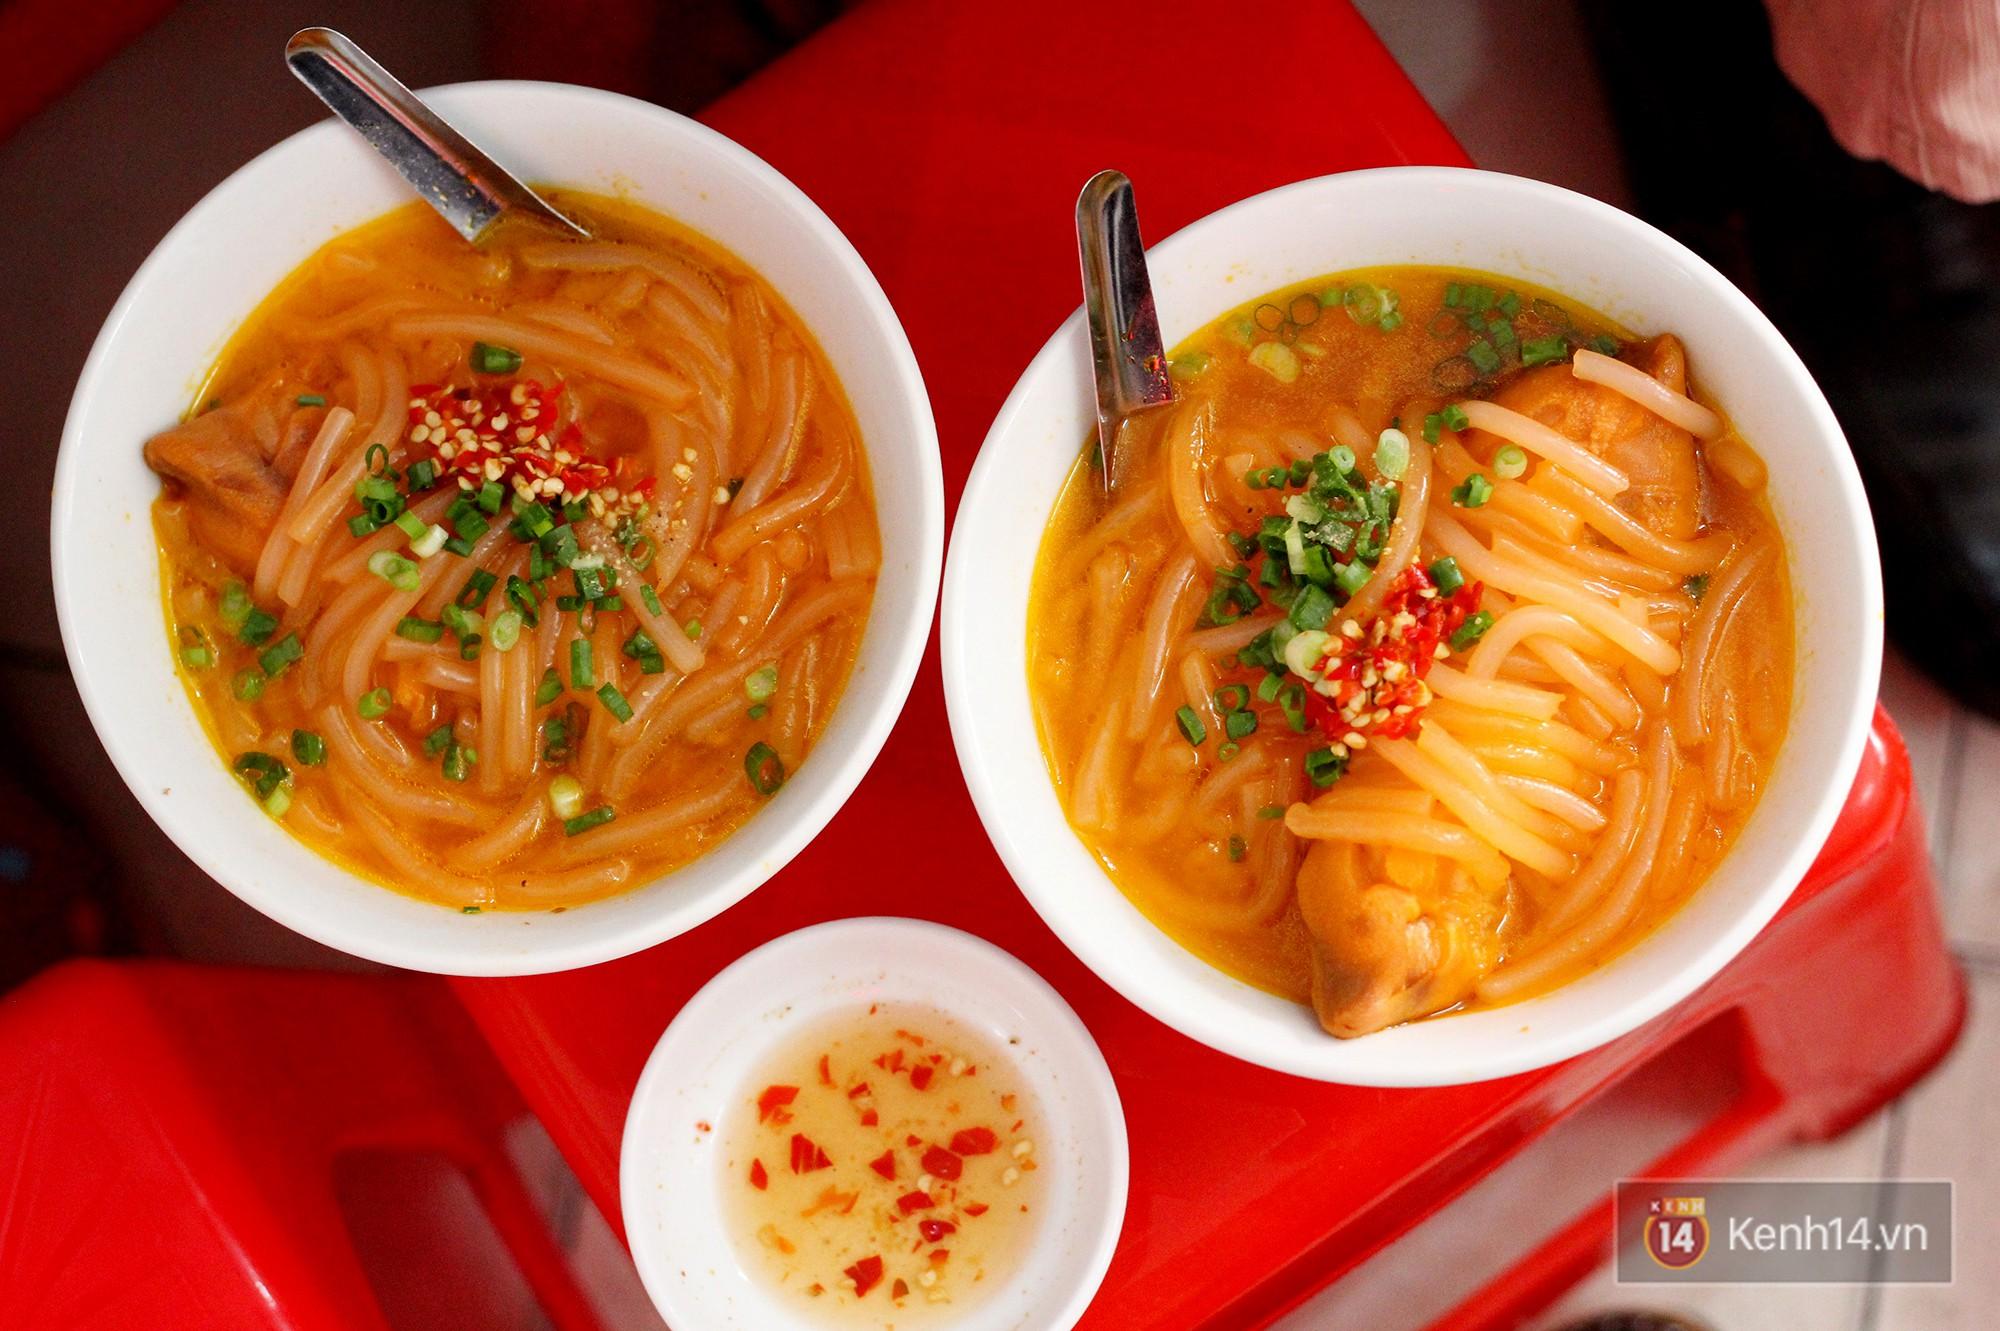 Đây đích thị là hàng bánh canh bán sướng nhất Sài Gòn: mỗi ngày chỉ cần bán 1 tiếng là hết sạch - Ảnh 6.